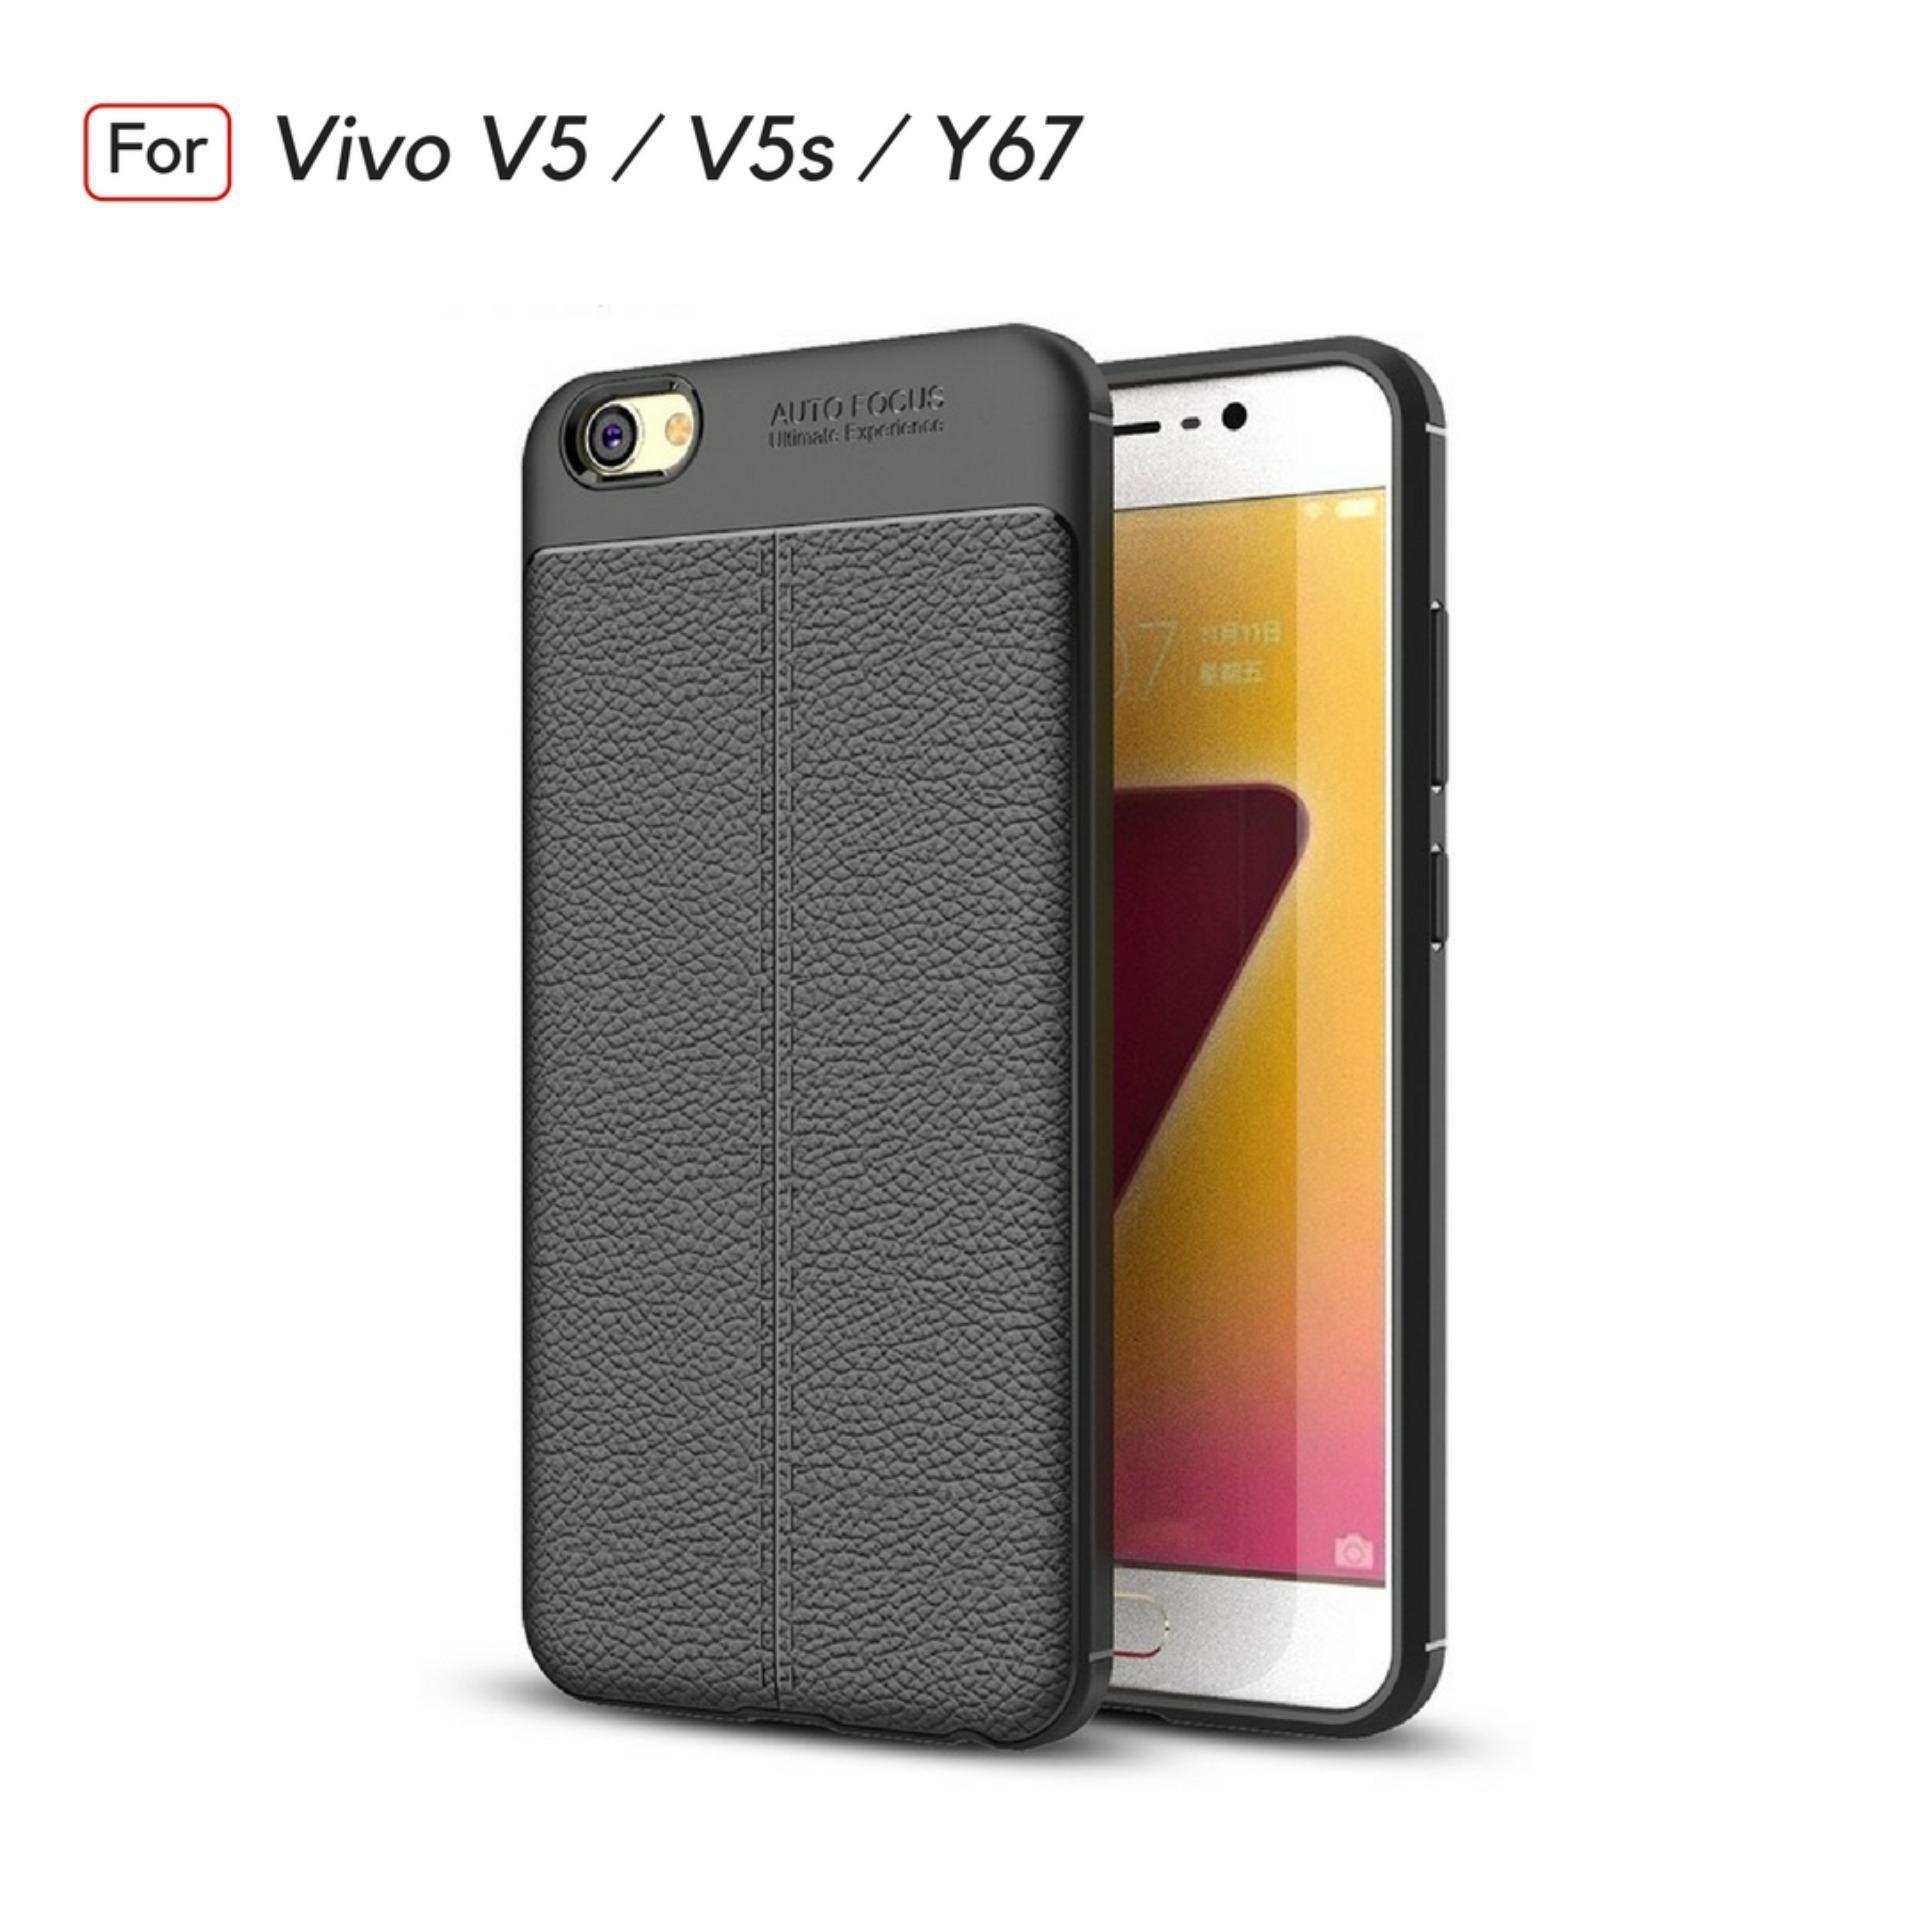 BJ Accessories Super Premium Ultimate Shockproof Leather Case For VIVO V5 / V5s / Y67 -